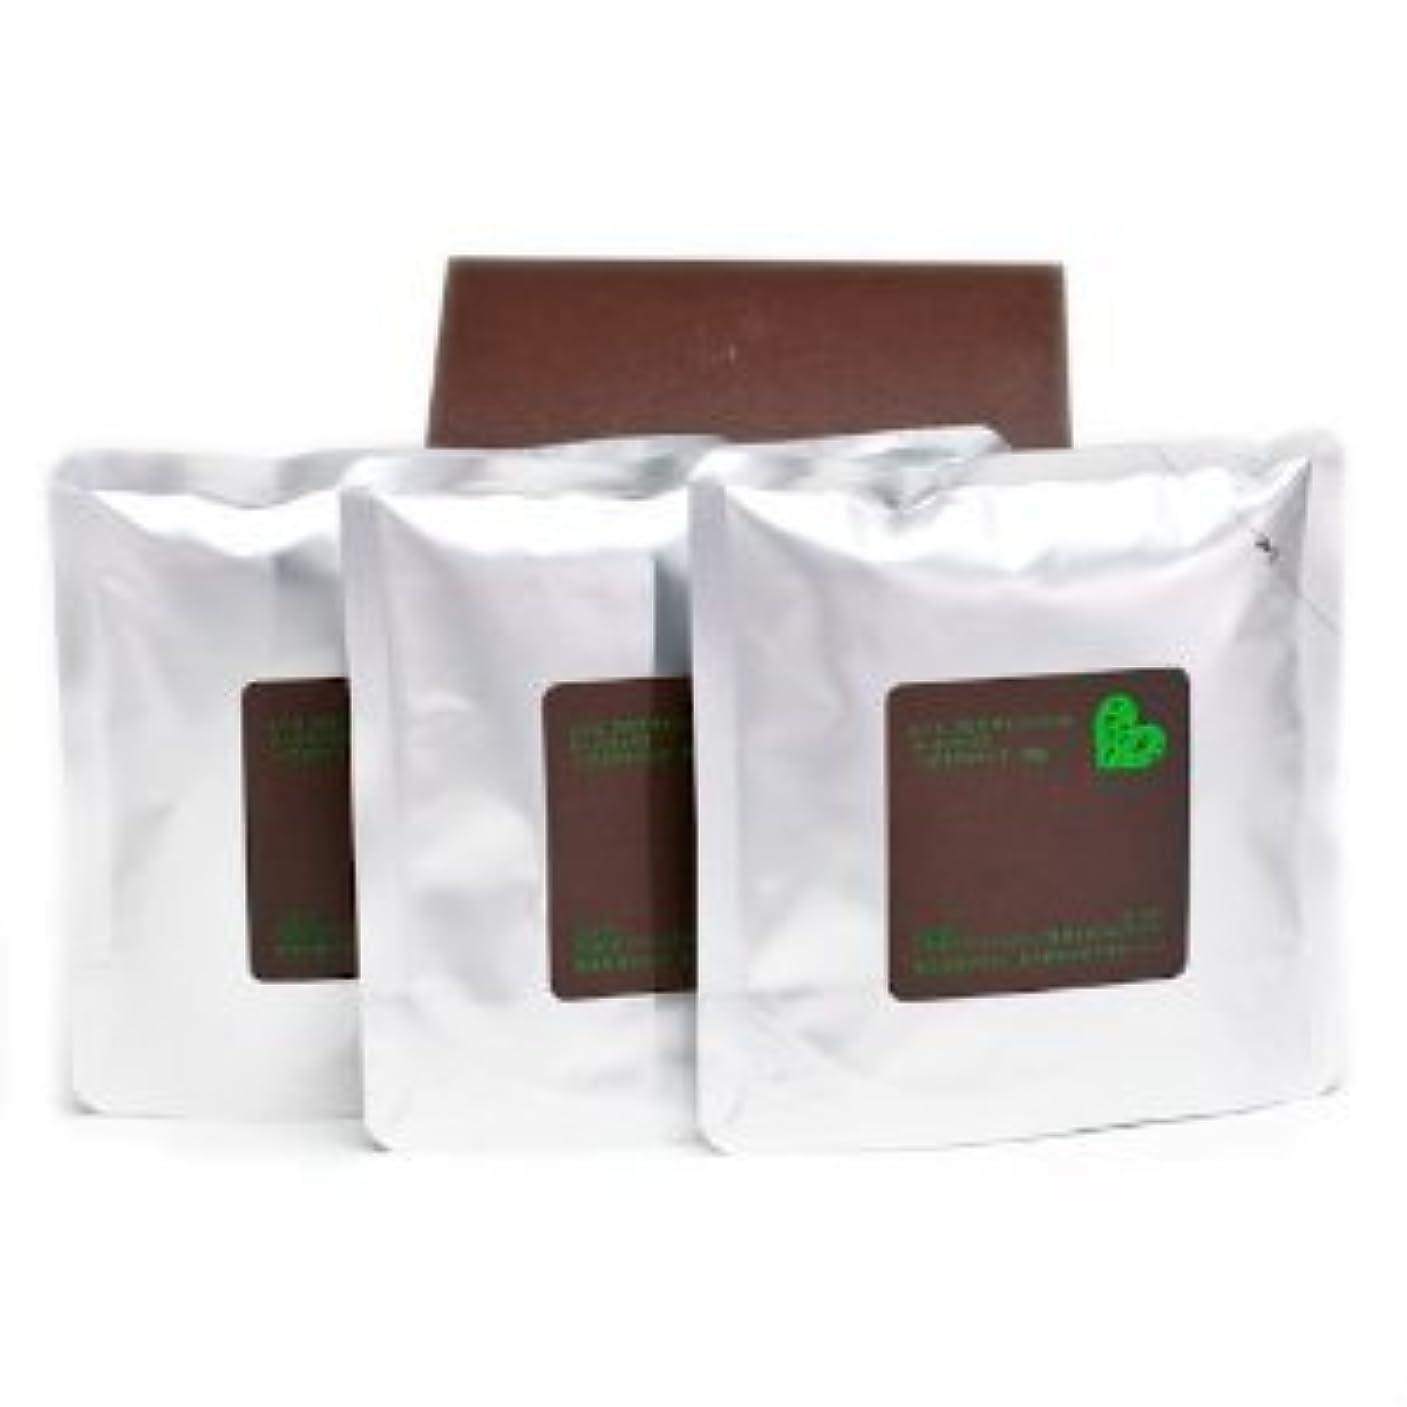 小包供給遺産アリミノ ピース プロデザイン ハードワックス80g×3個 ×2個 セット 詰め替え用arimino PEACE